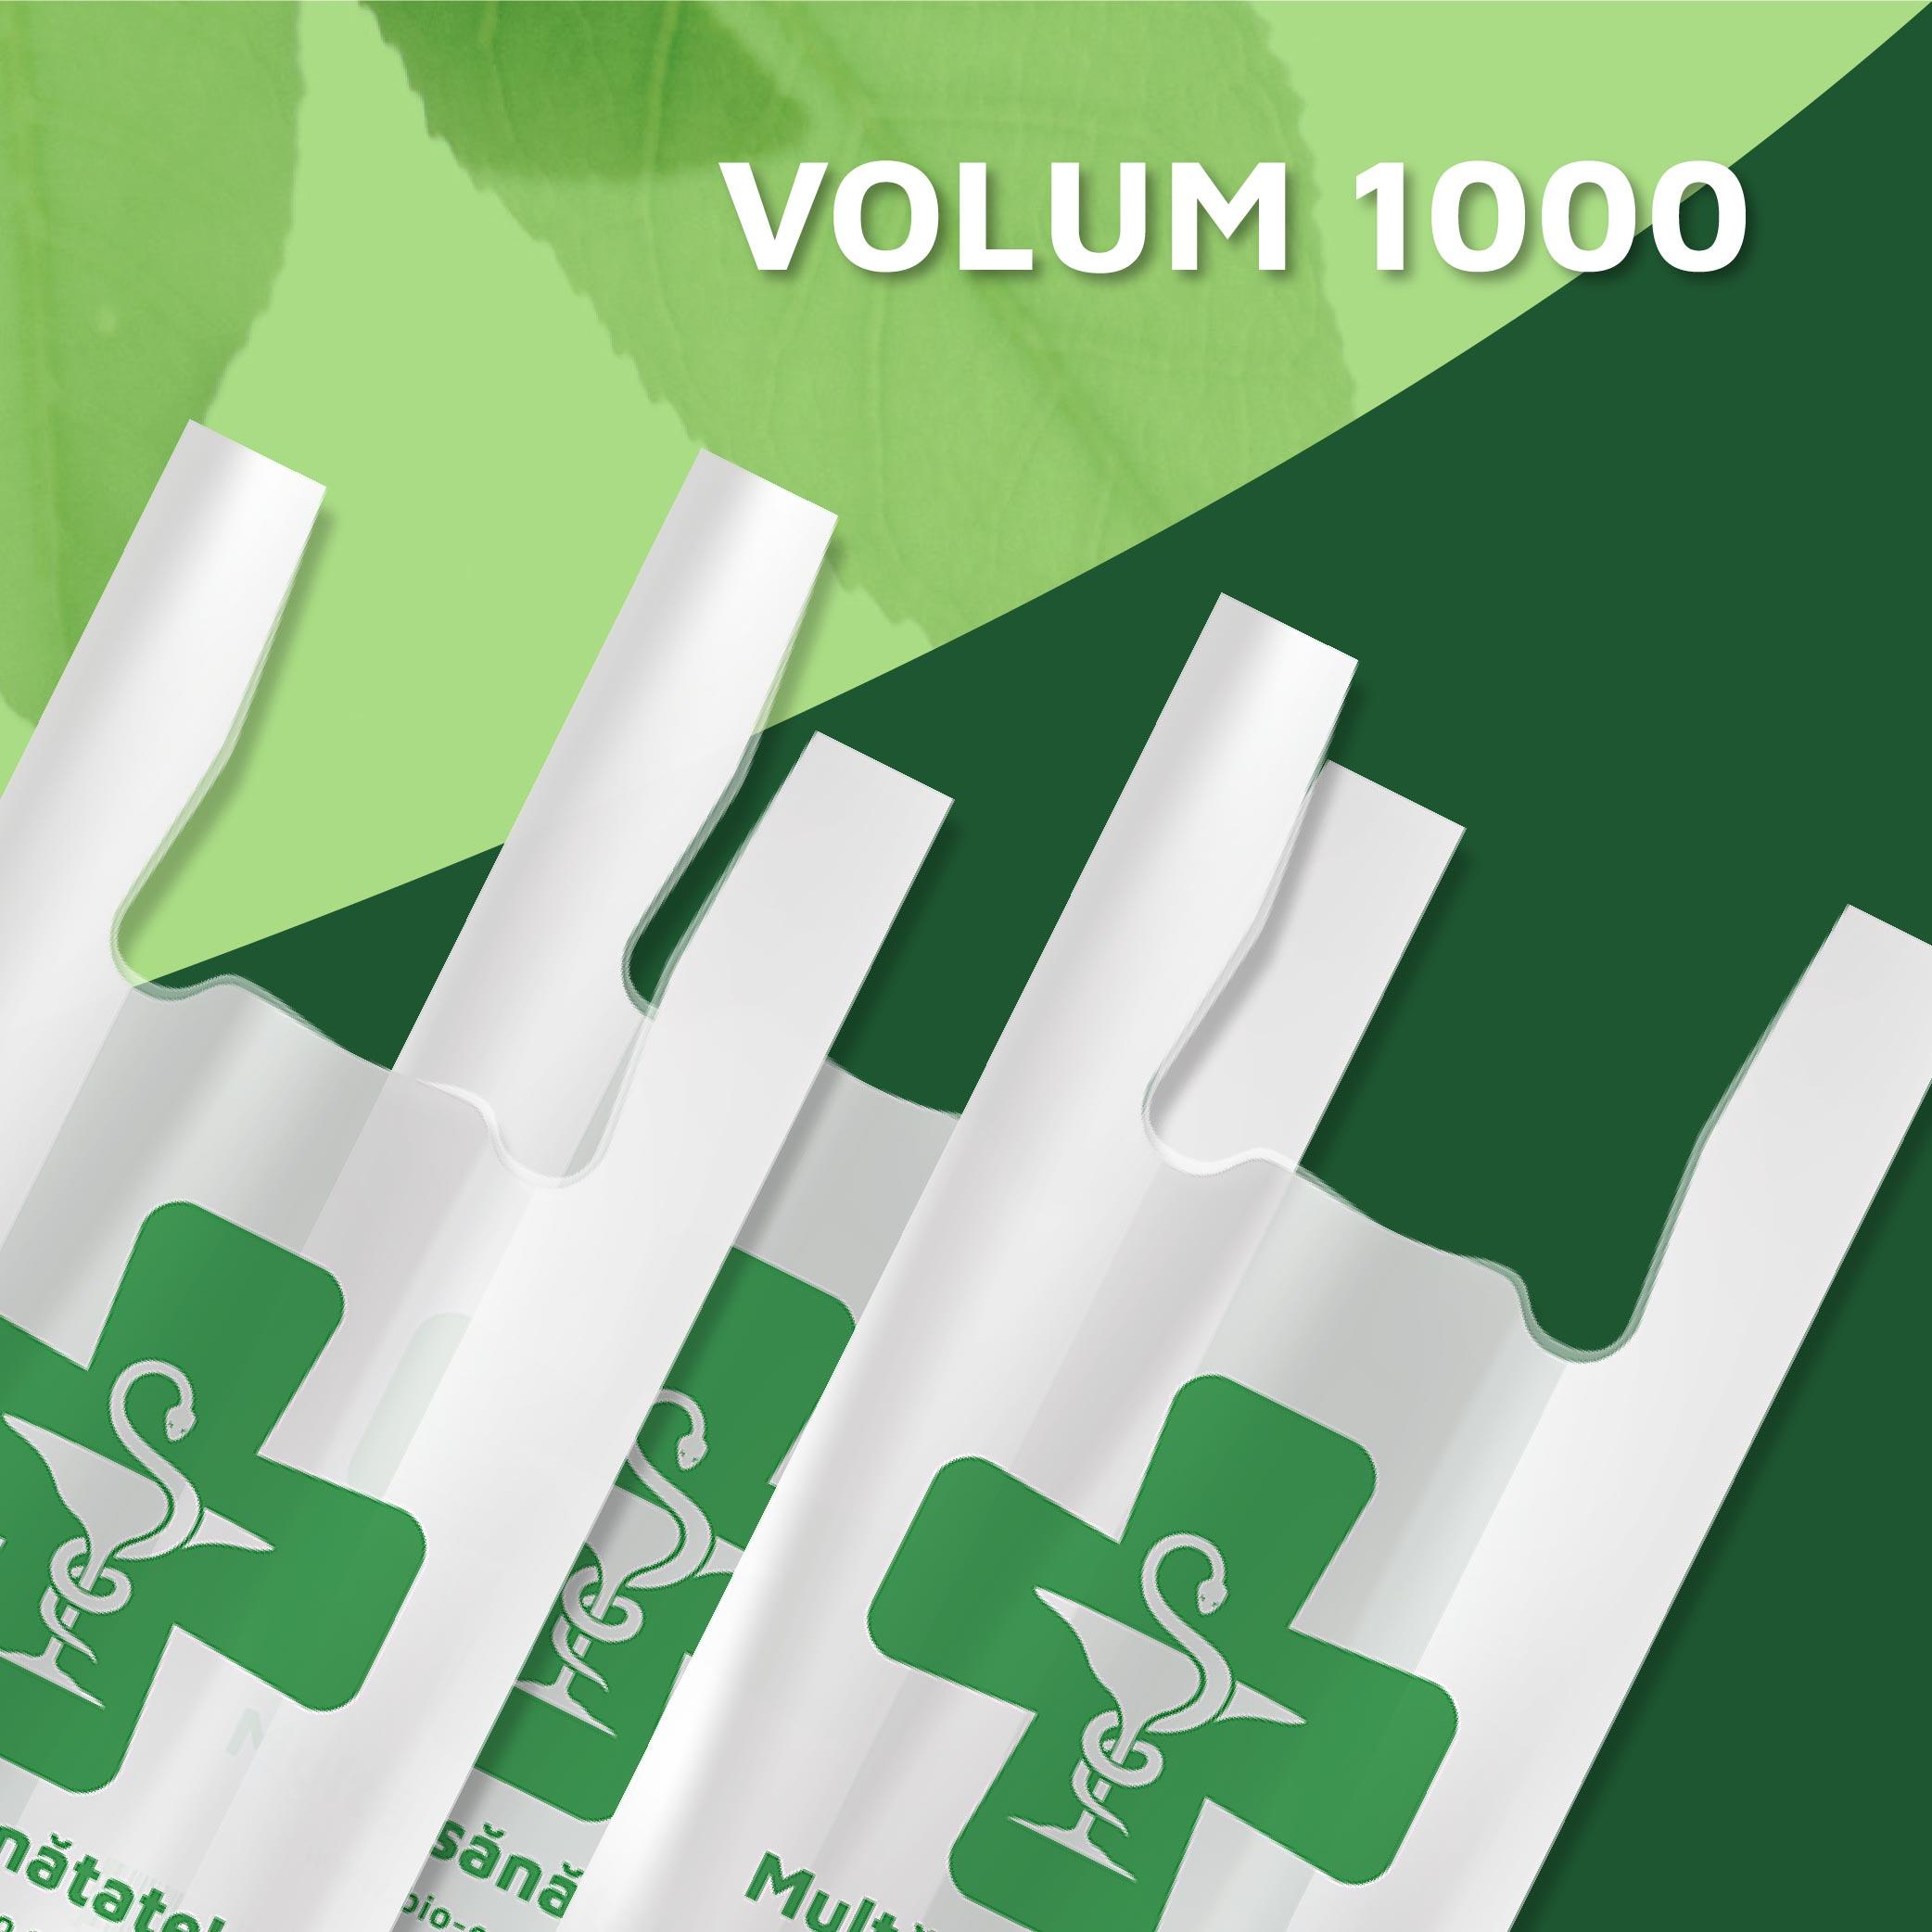 VOLUM XL 1000